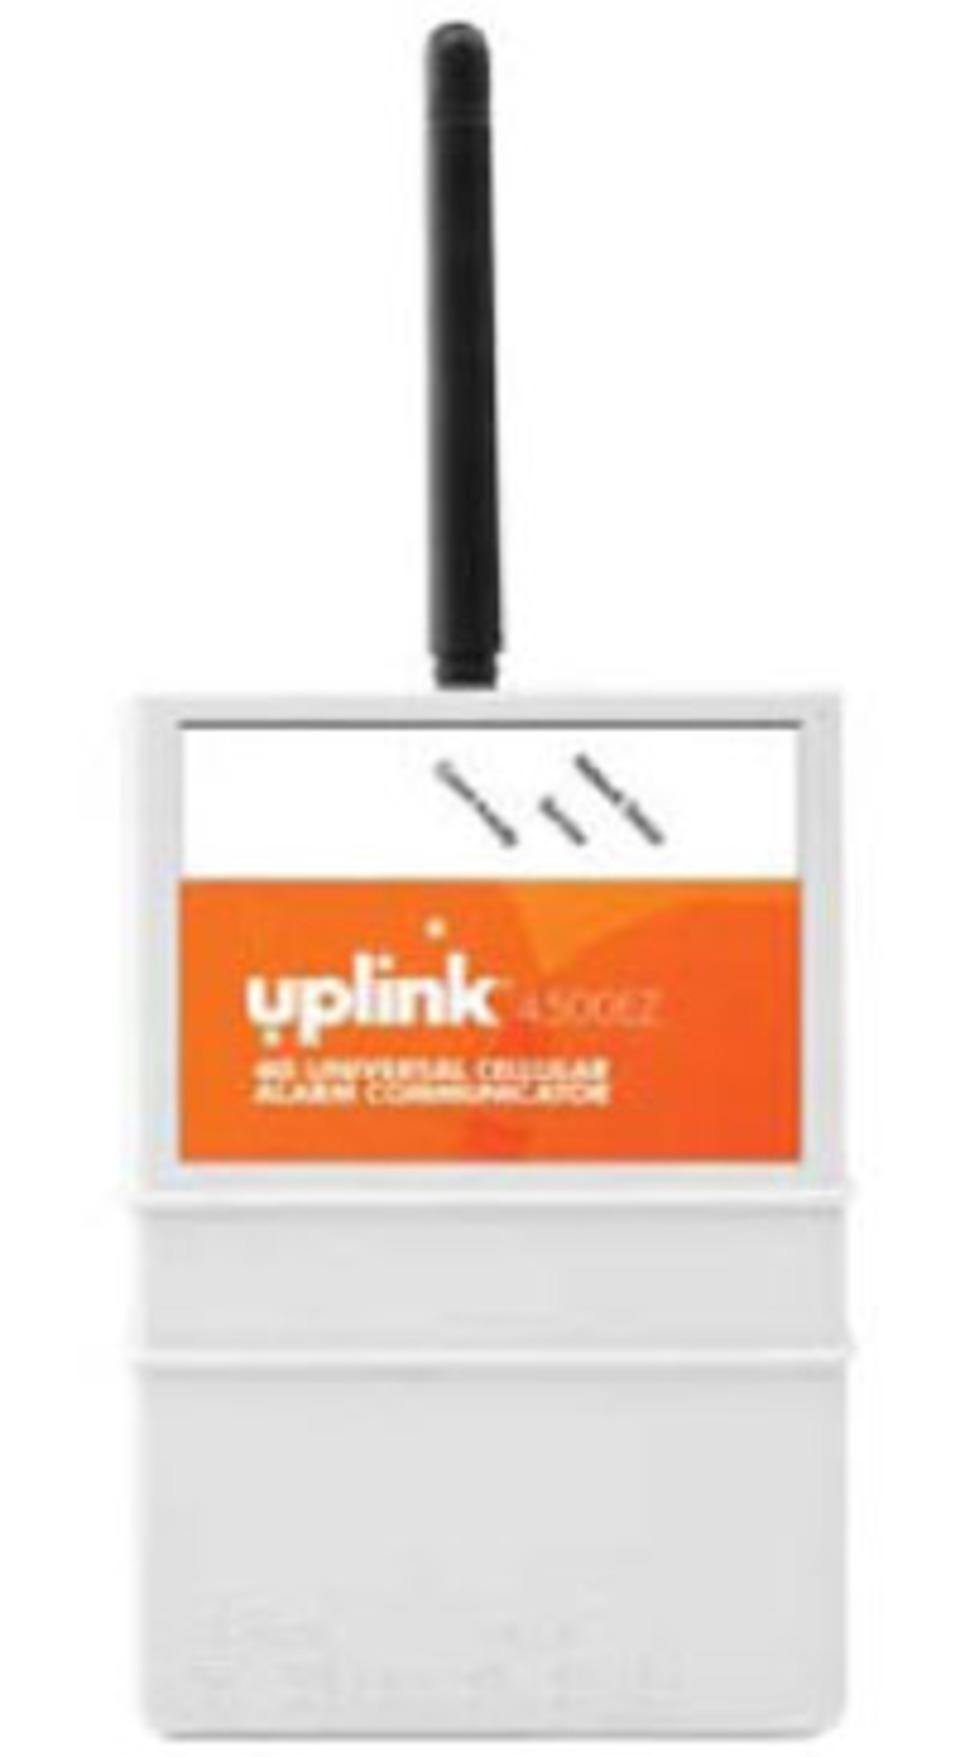 Uplink's commercial 4G cellular communicators receive UL Listing